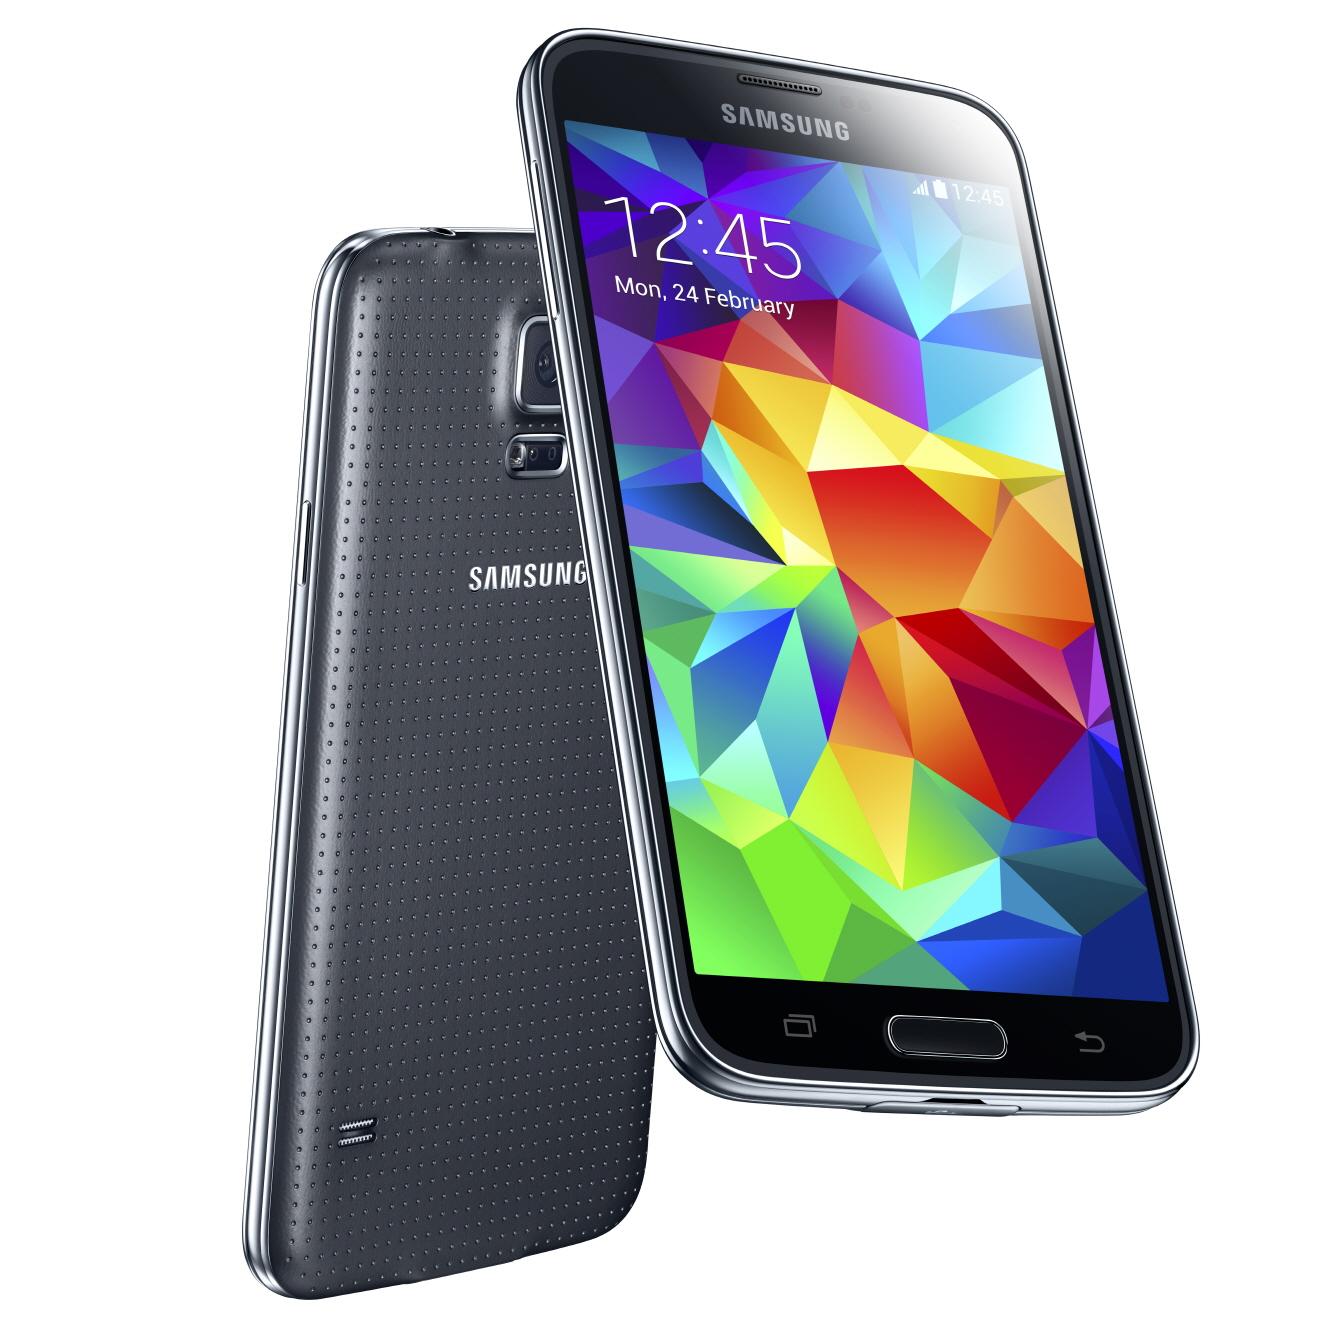 Galaxy-S5-Hersteller.jpg